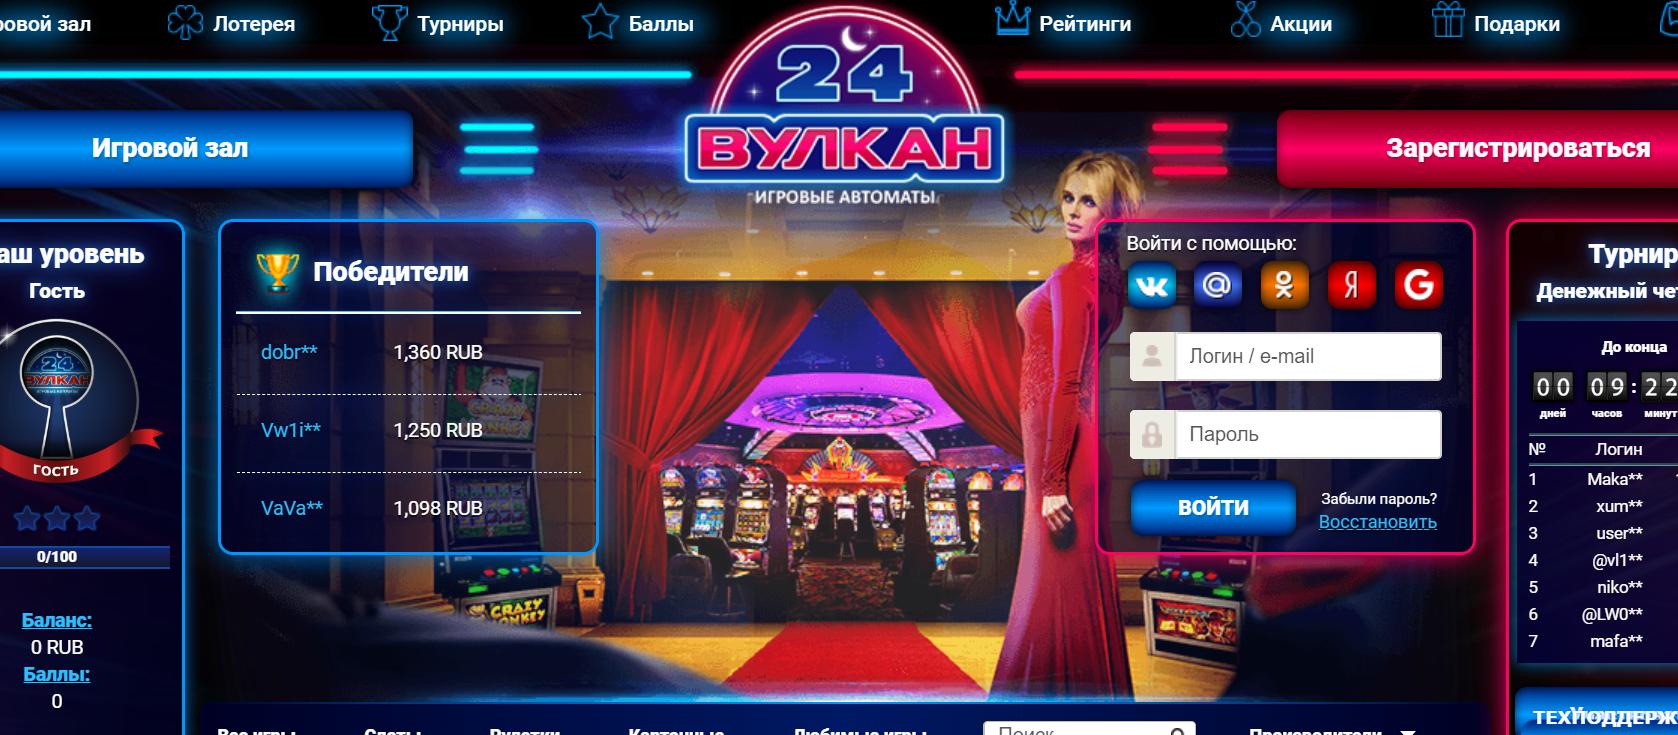 Испытай свою удачу в онлайн казино Вулкан 24!